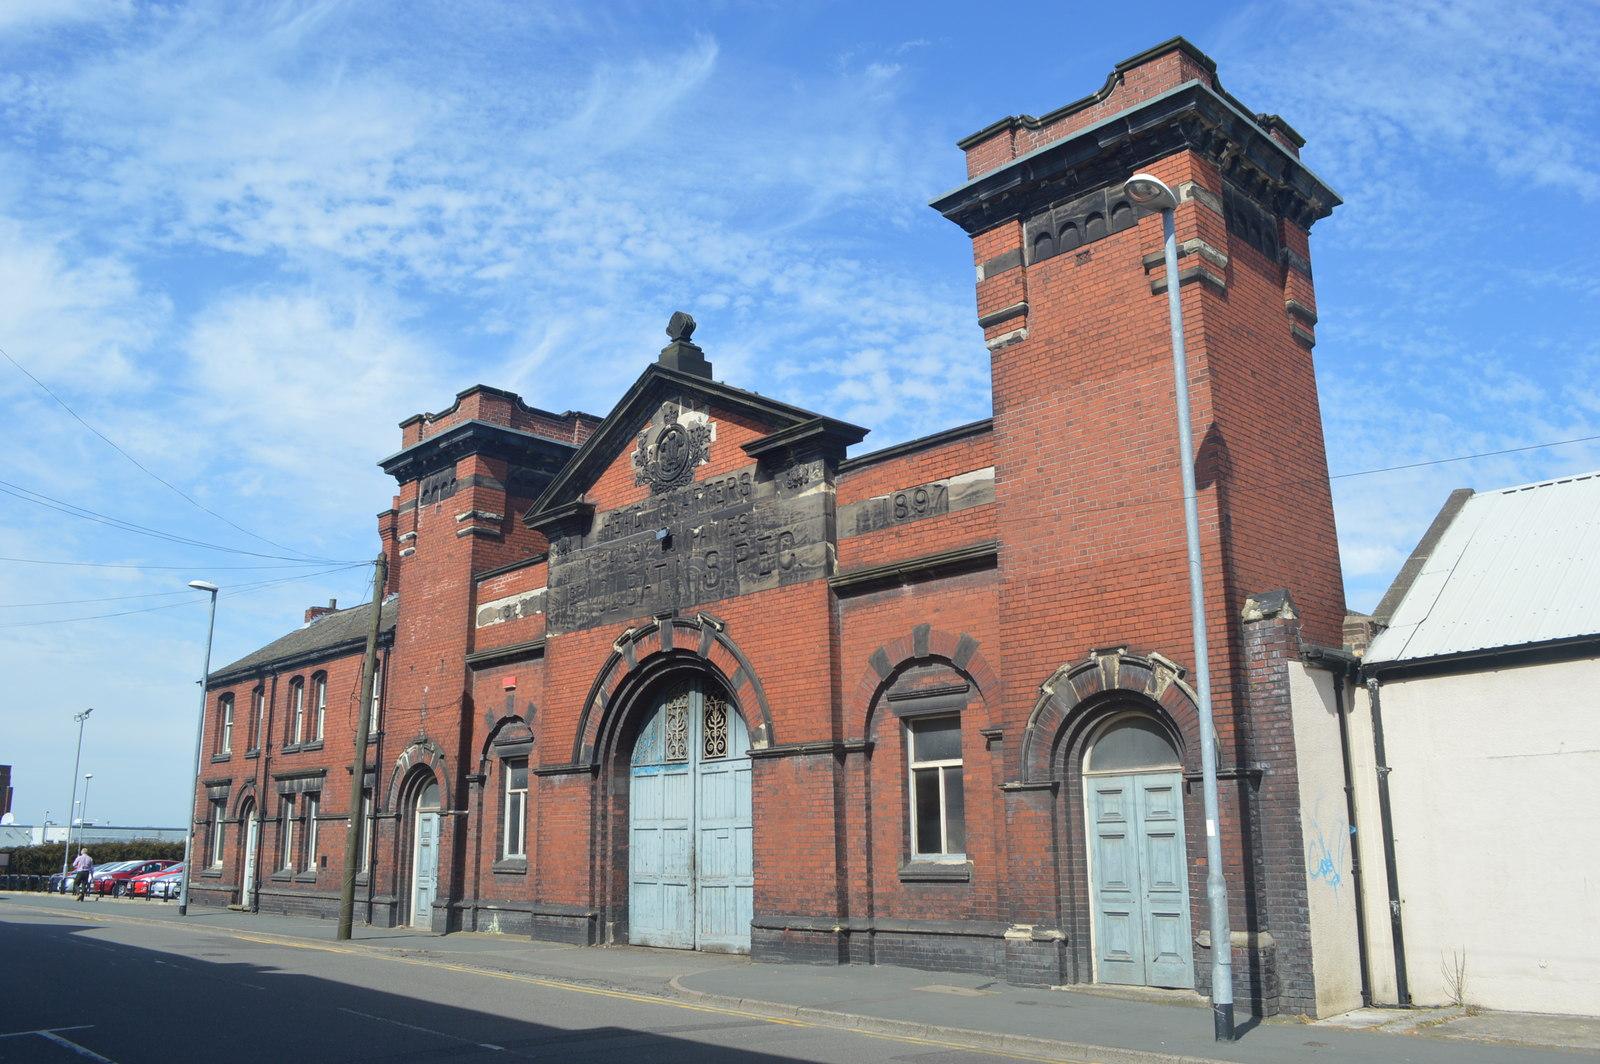 Victoria Hall Hanley Car Parking